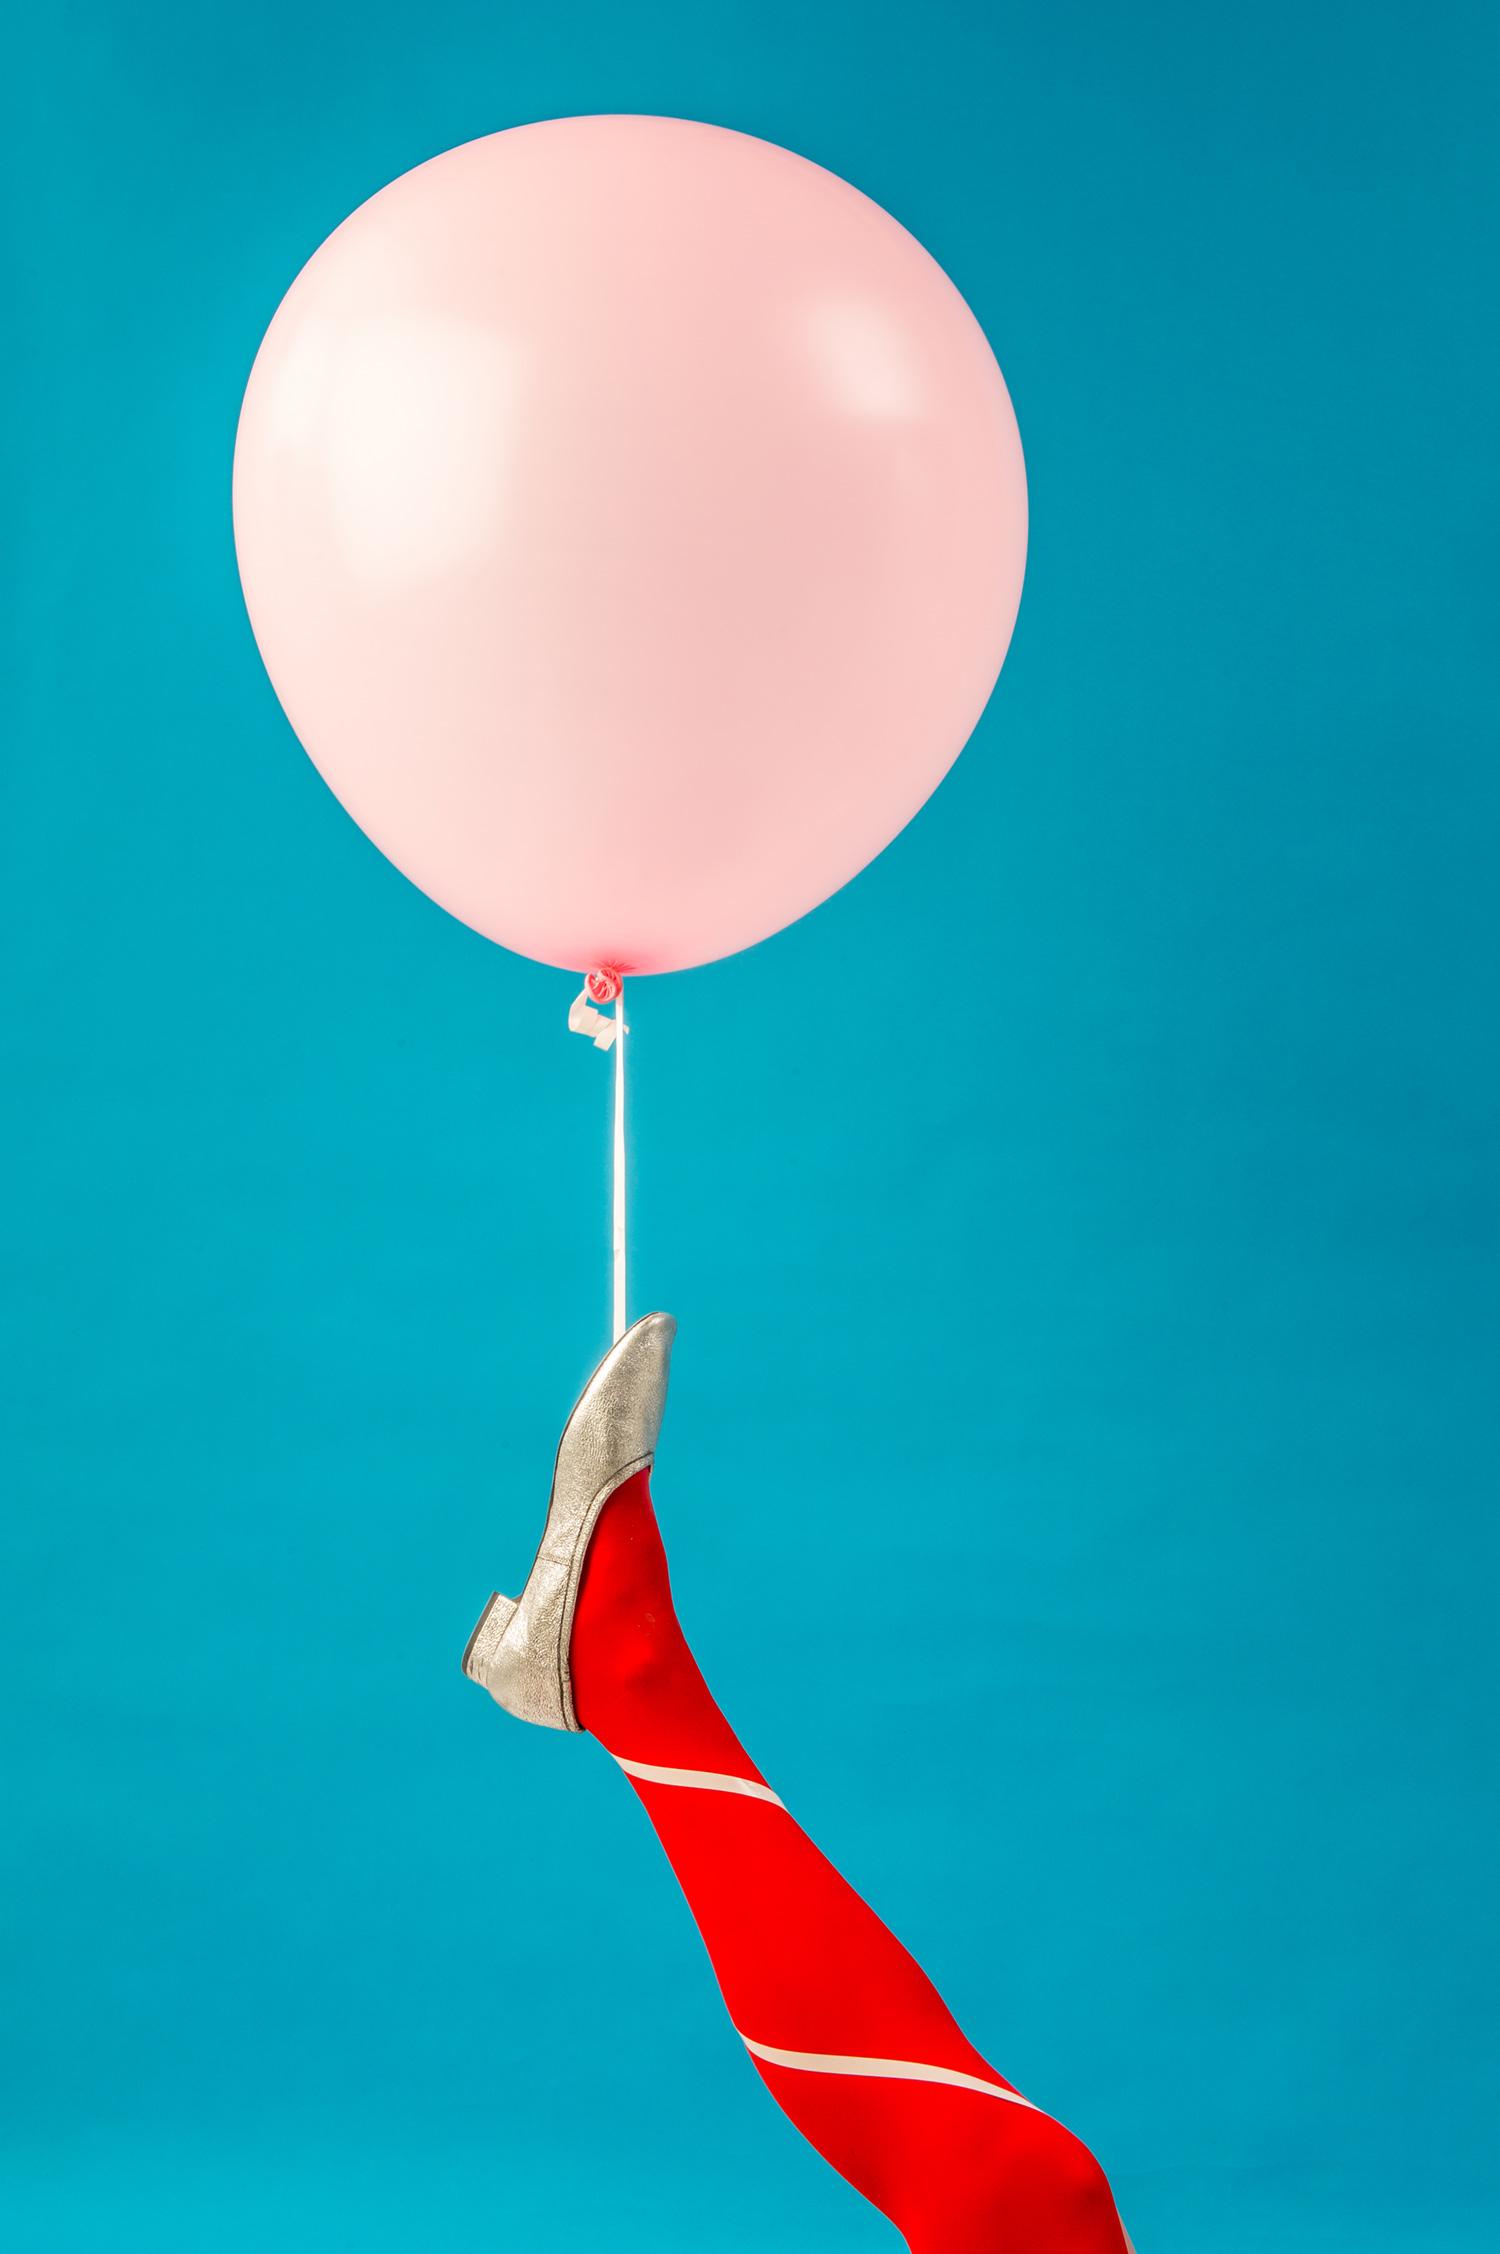 Jätteballong Ljusrosa